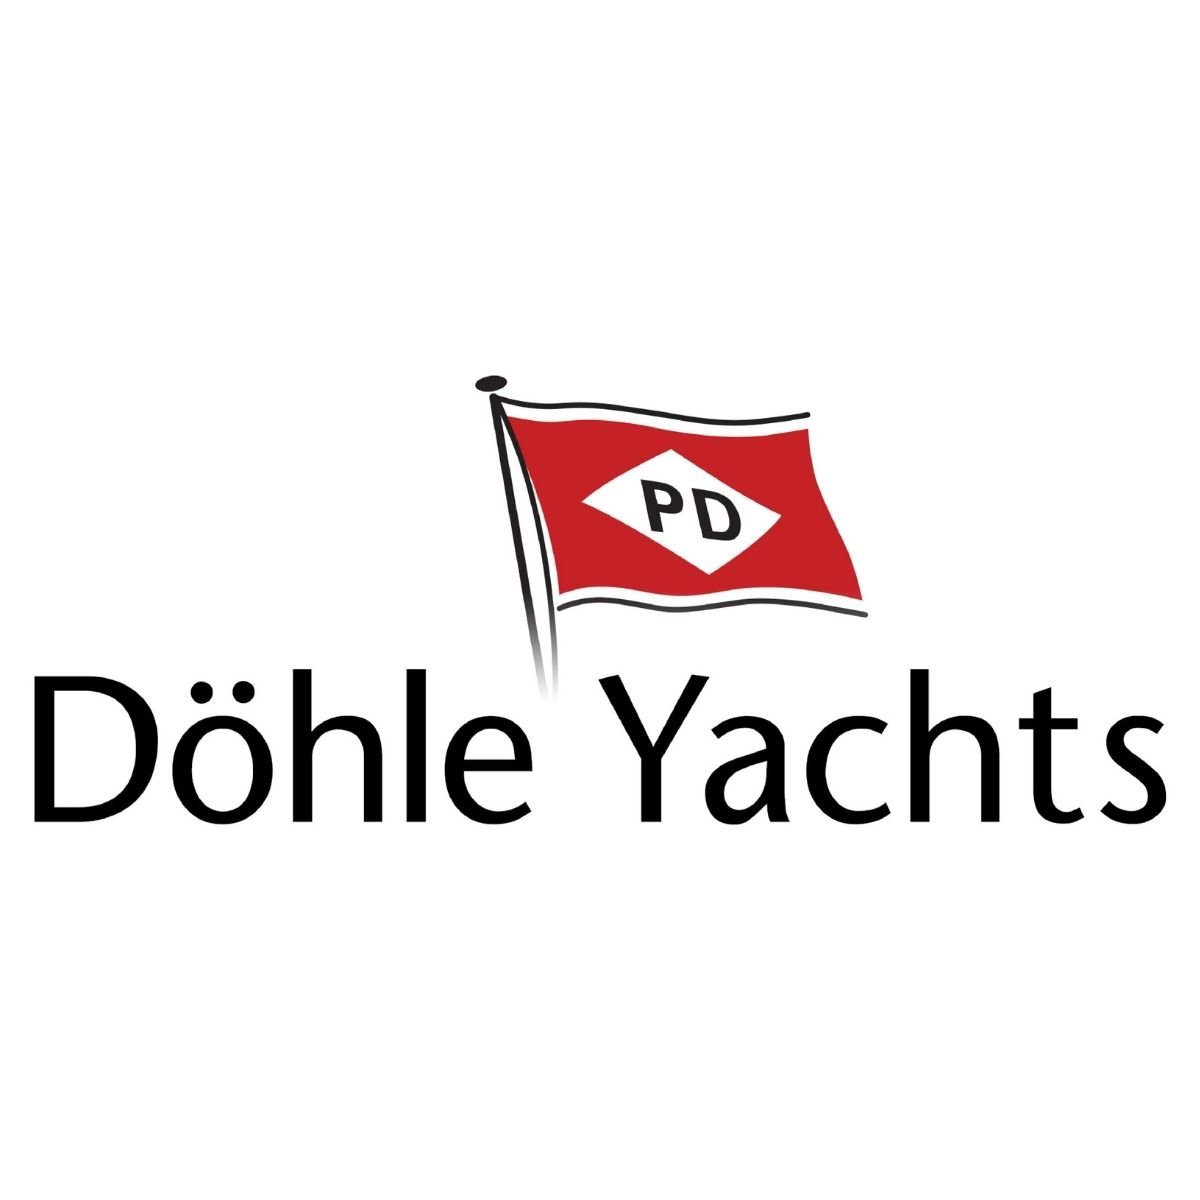 Döhle Yachts